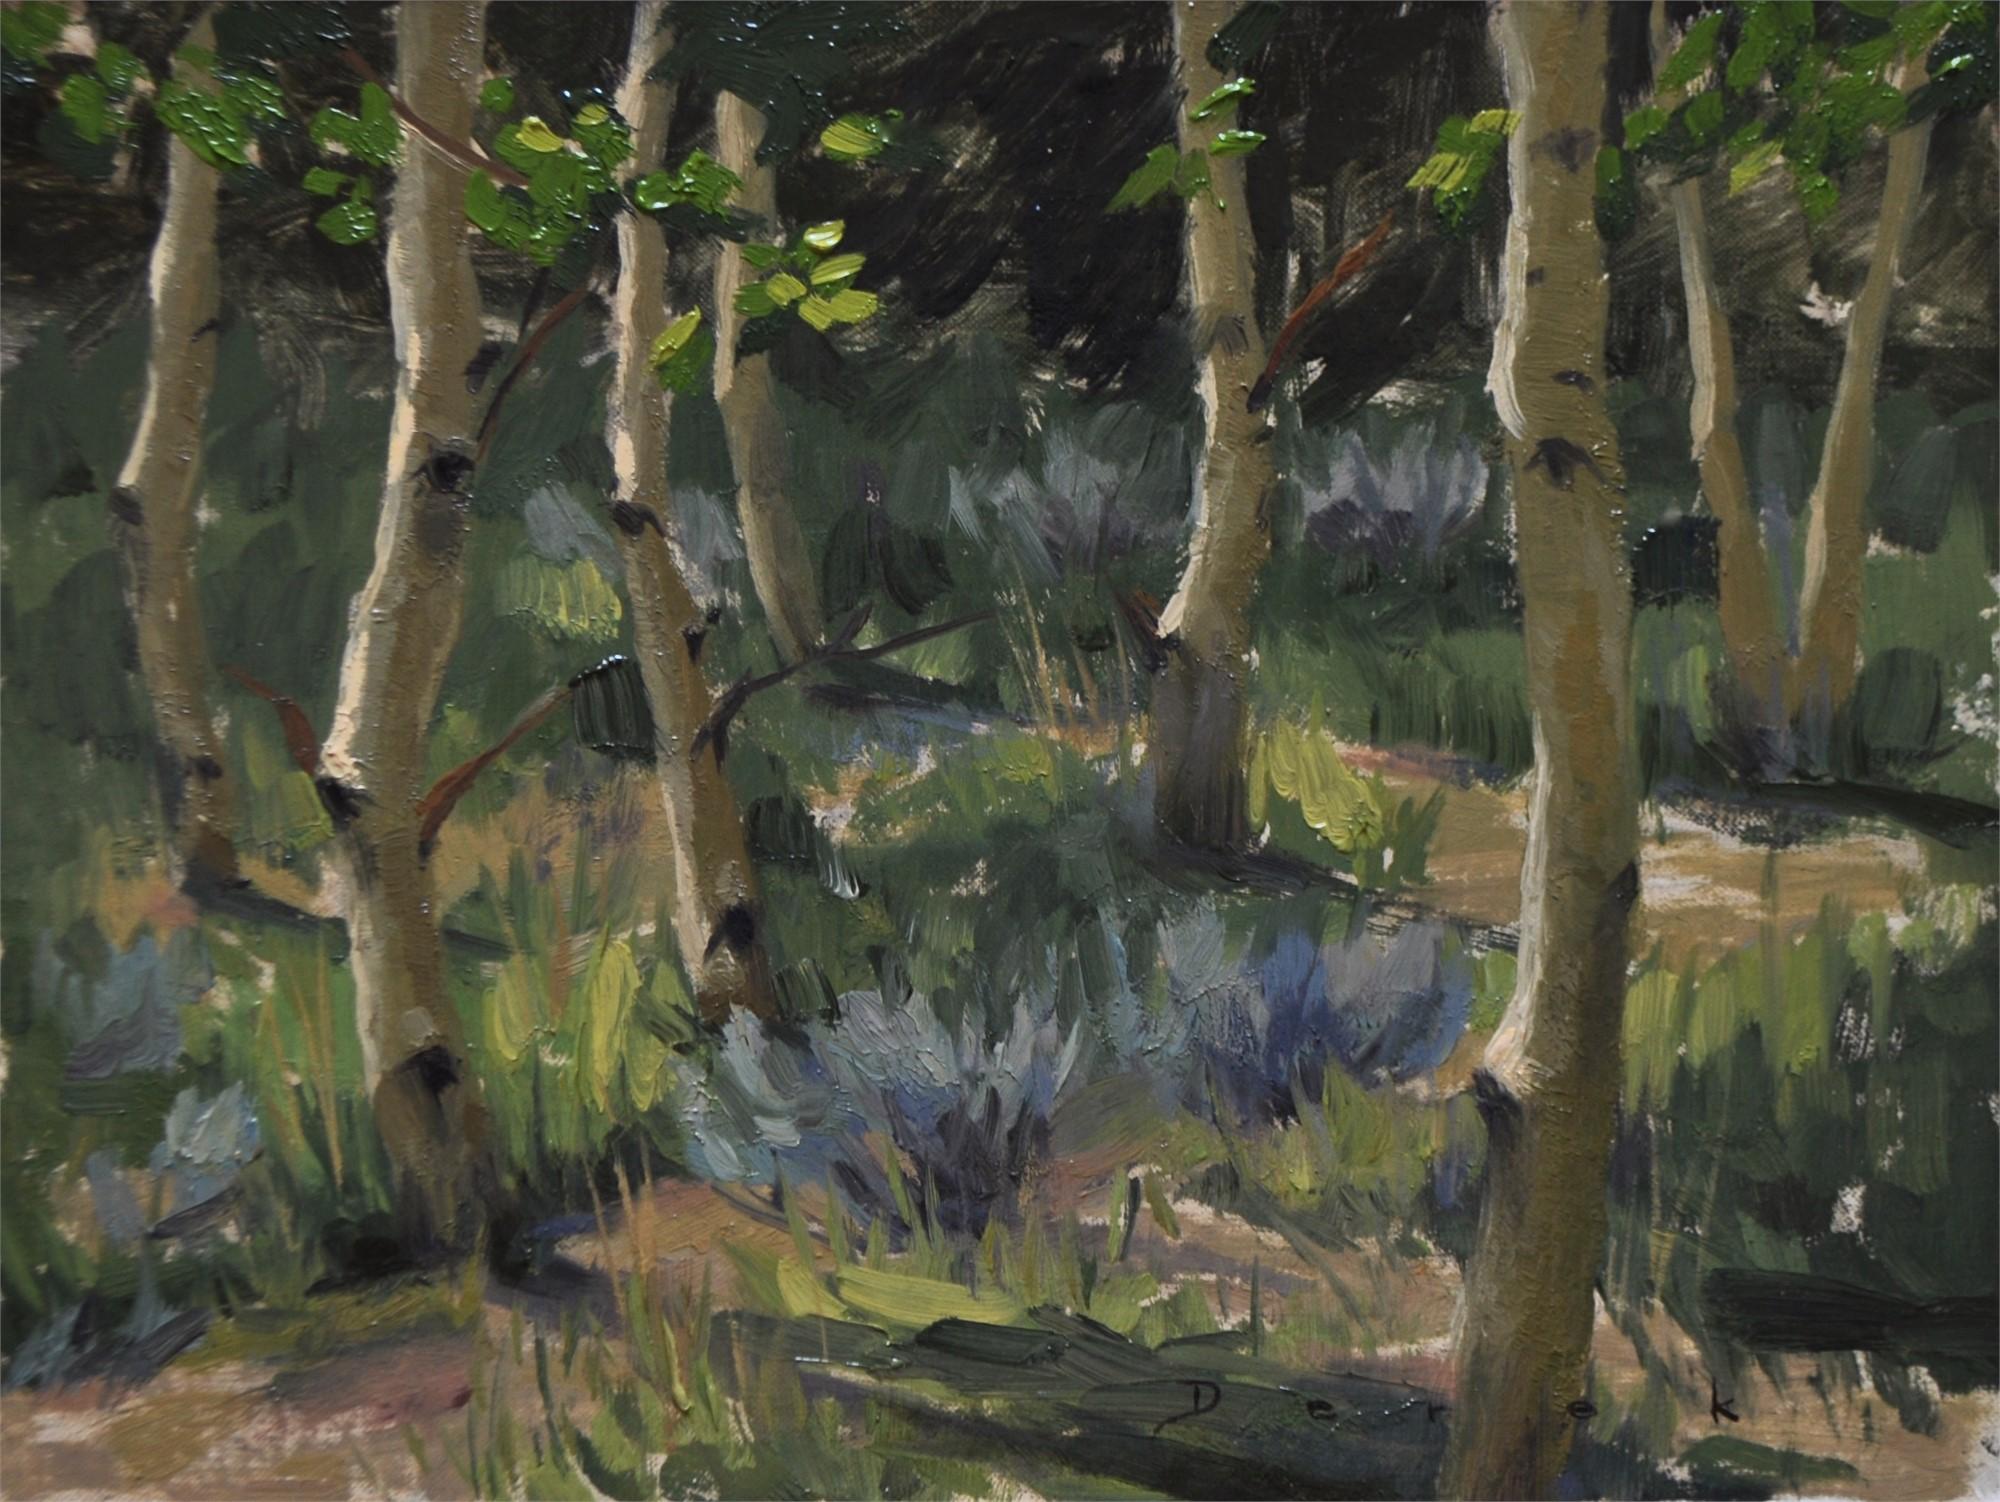 Aspen Grove by Derek Harrison